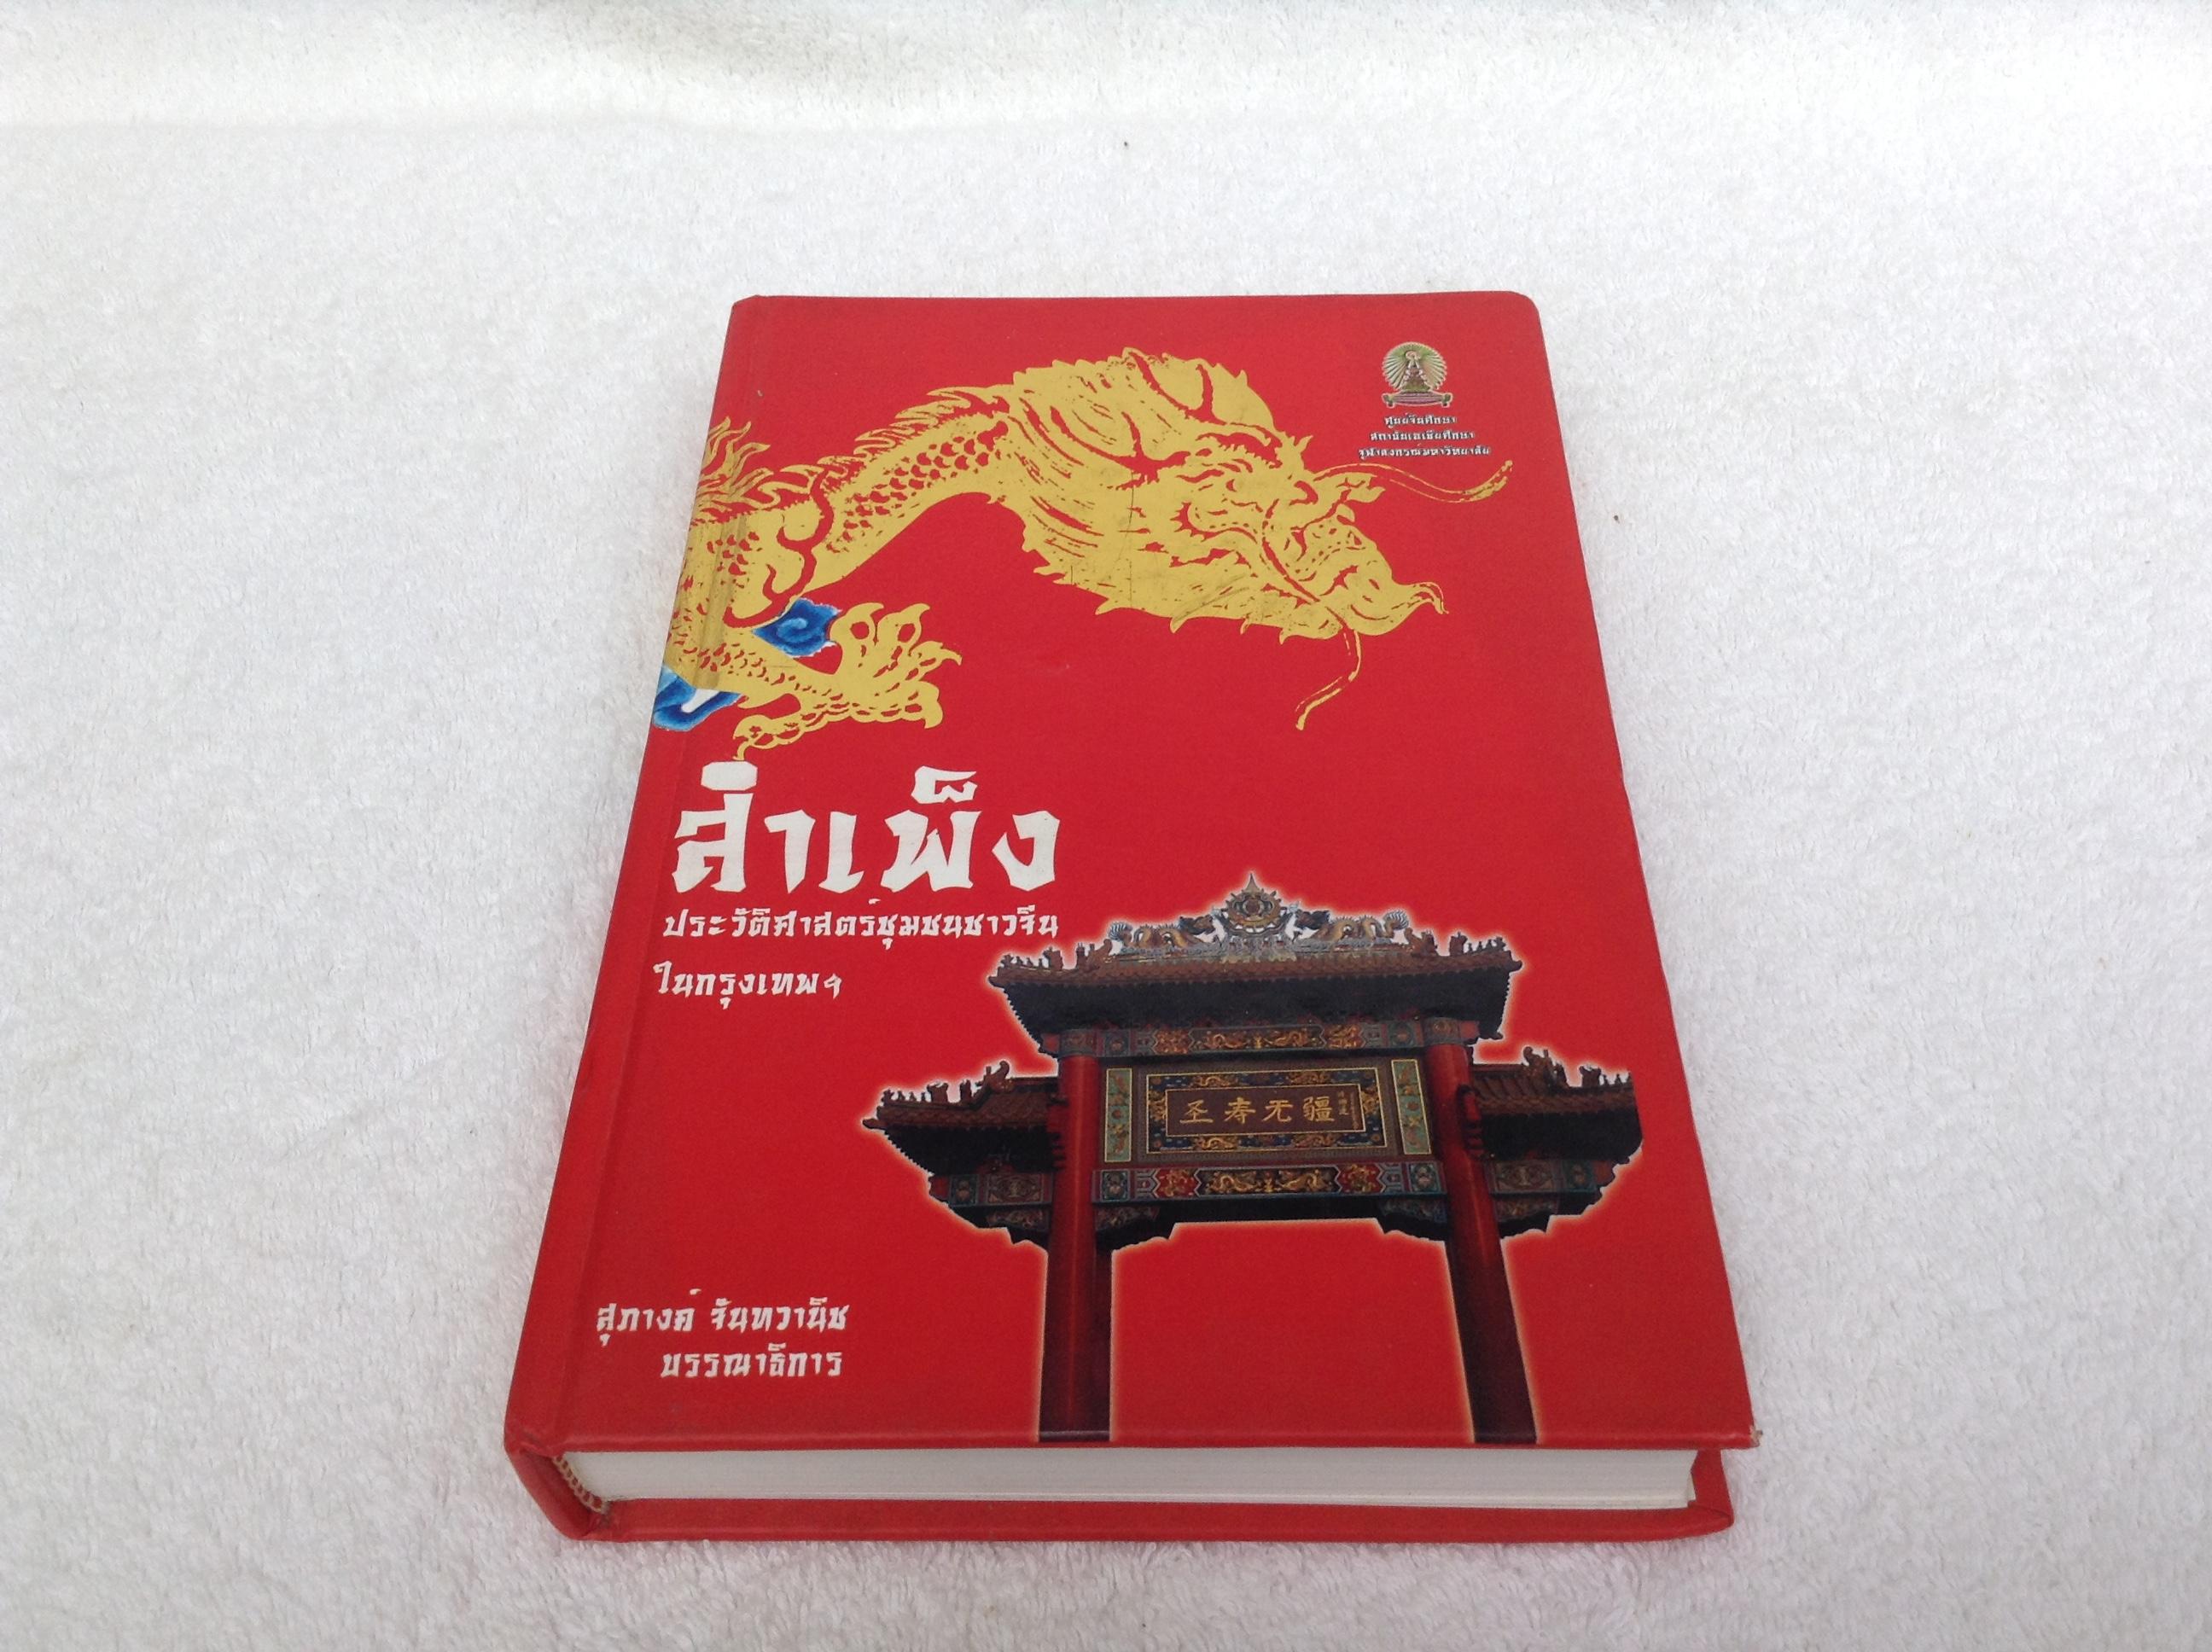 สำเพ็งประวัติศาสตร์ชุมชนชาวจีนในกรุงเทพฯ สุภางค์ จันทวานิช เขียน (พิมพ์ครั้งแรก)